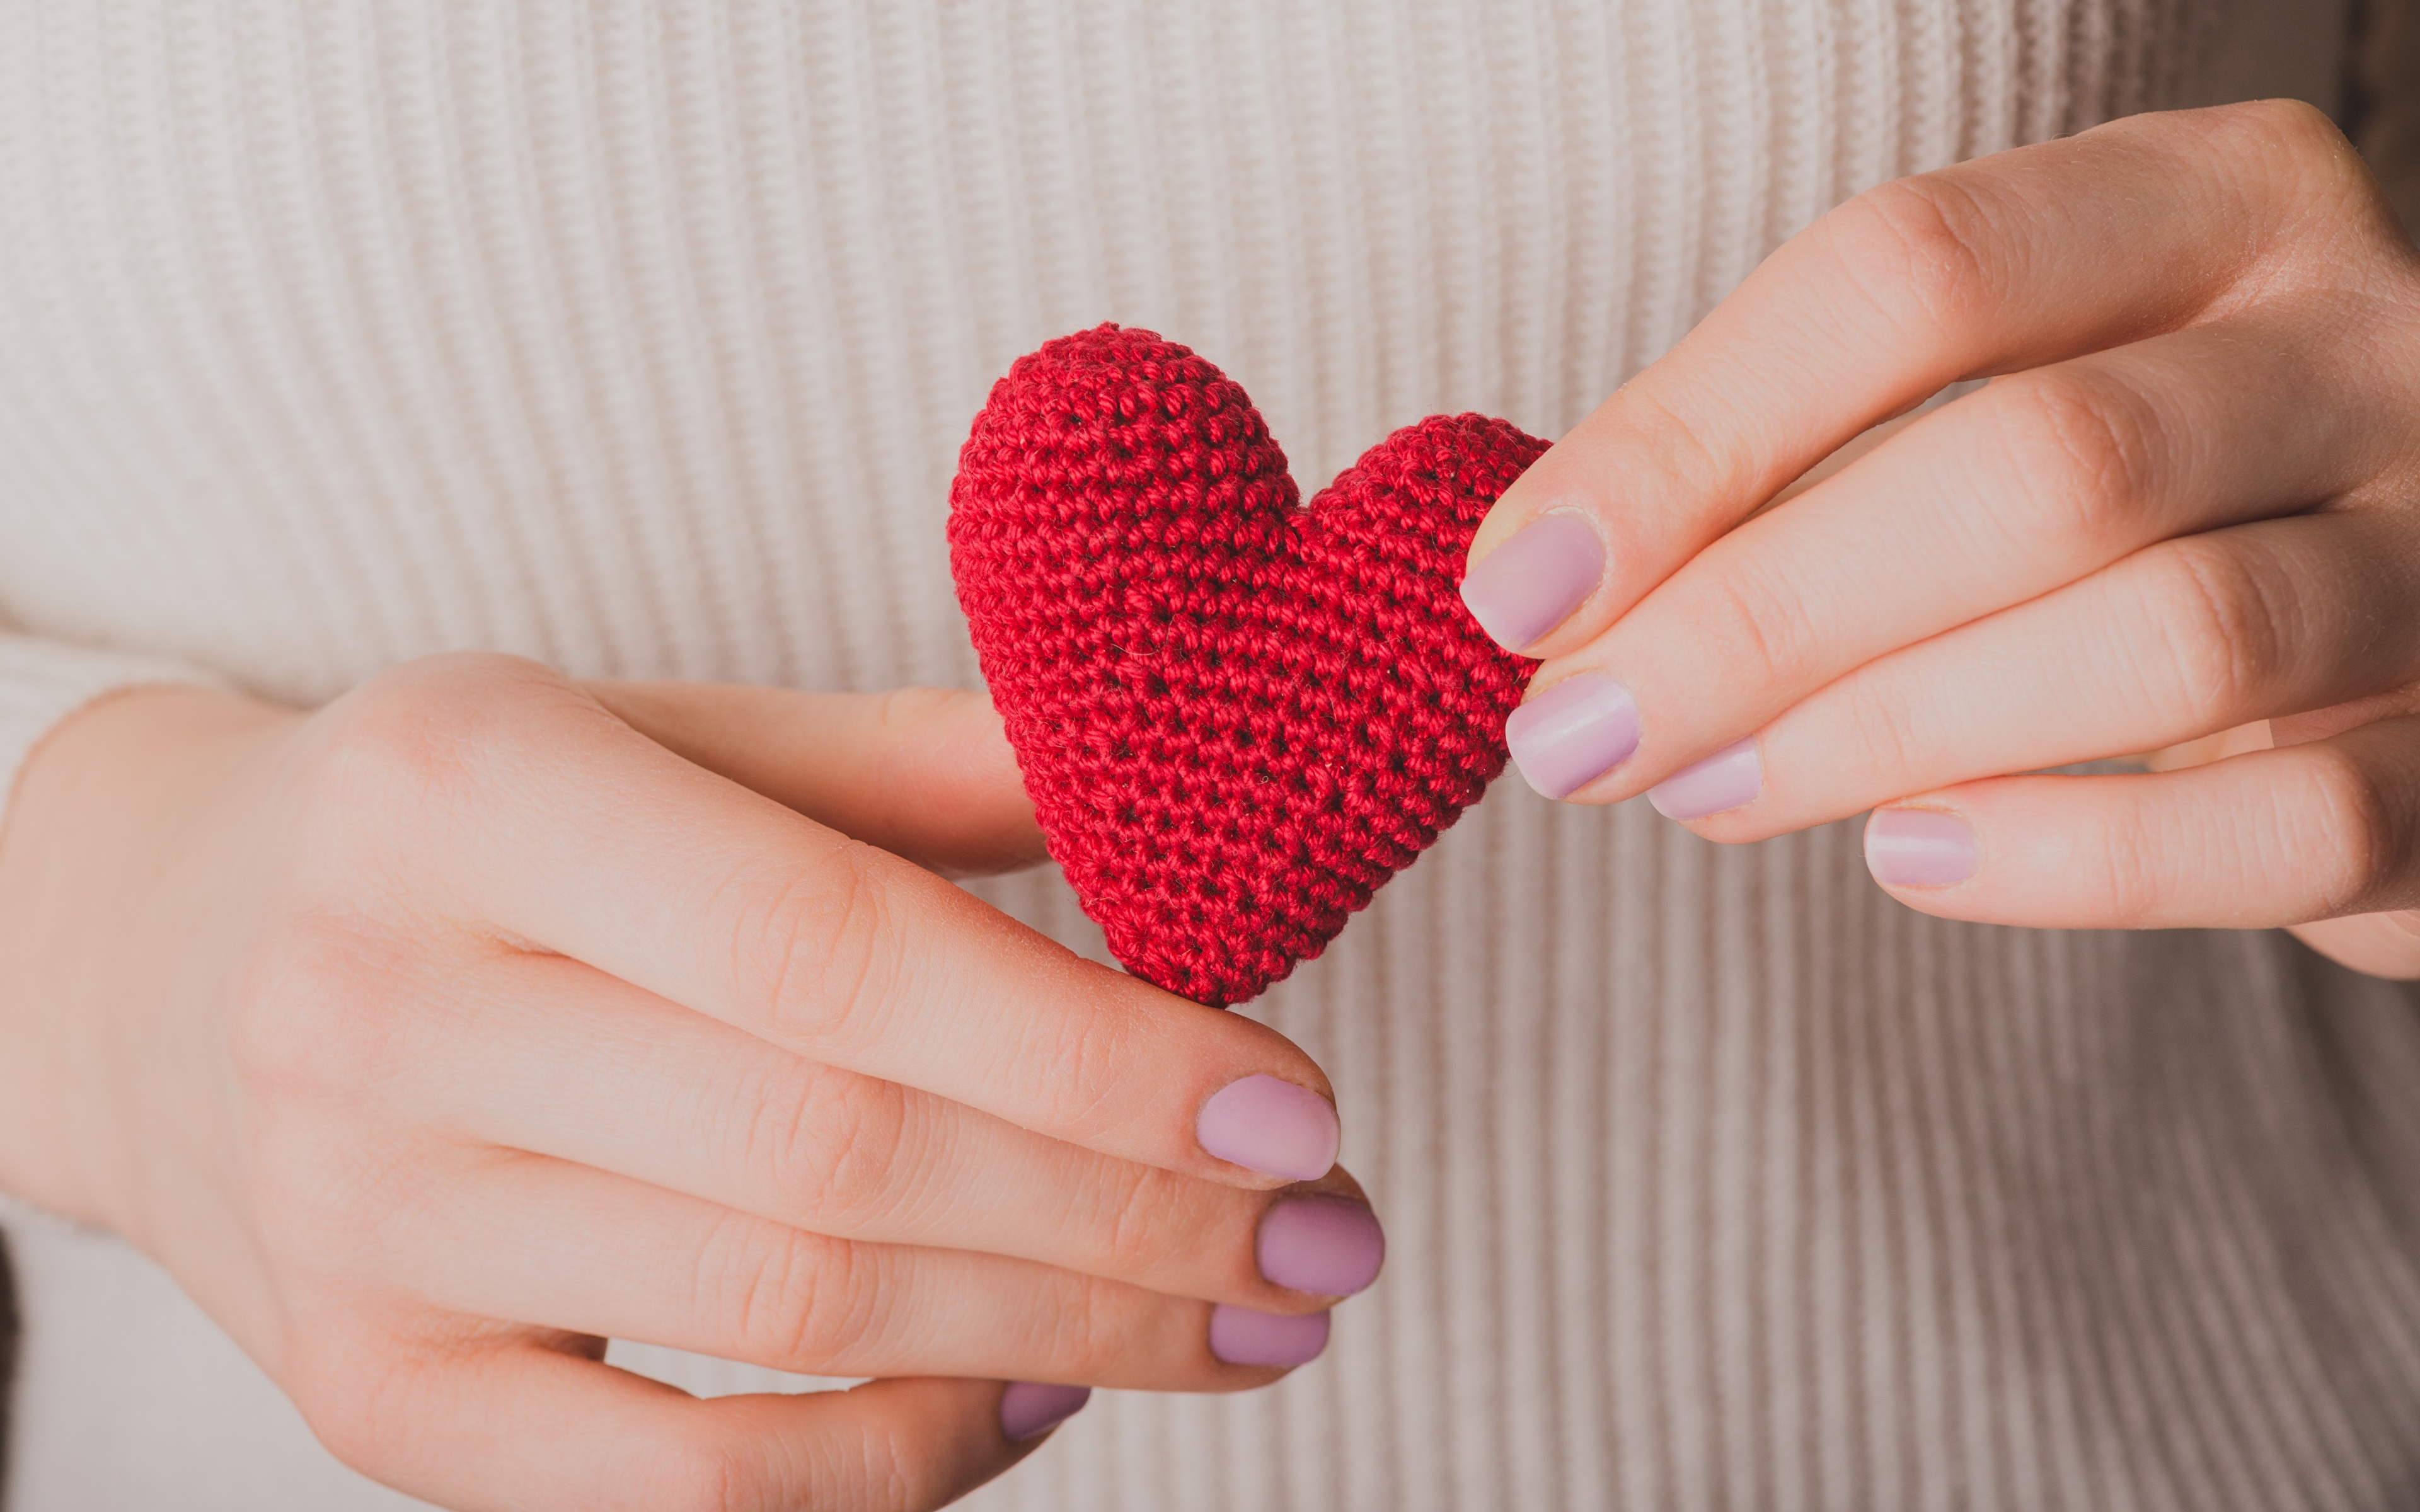 Фотографии День святого Валентина сердечко рука Крупным планом 3840x2400 День всех влюблённых серце Сердце сердца Руки вблизи